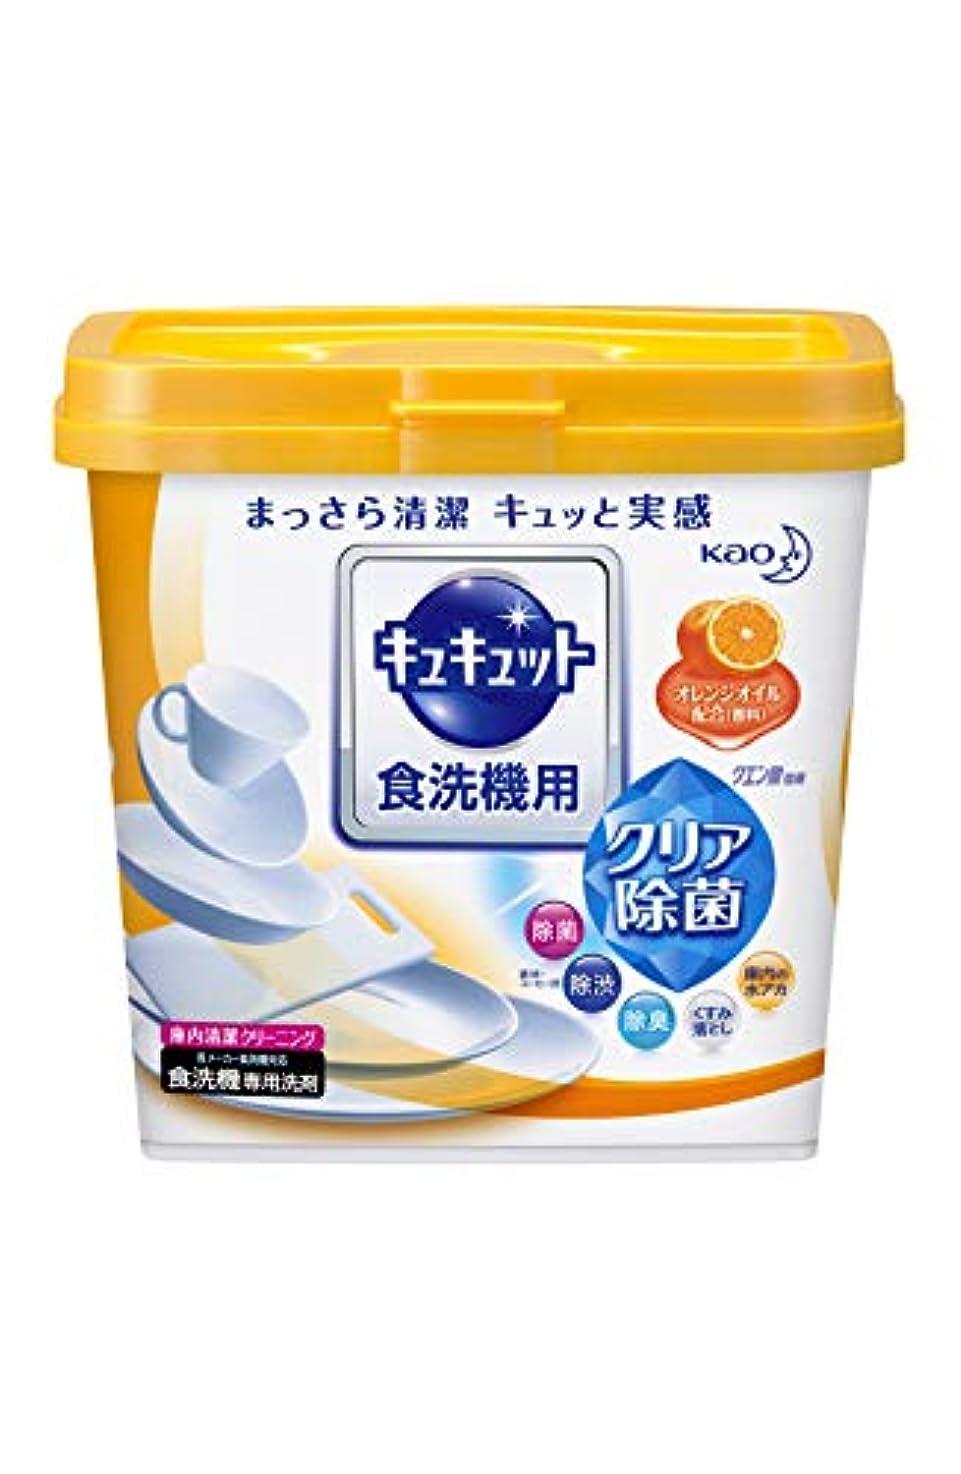 行商人放置農民キュキュット 食器用洗剤 食洗機用 クエン酸オレンジオイル 本体 680g